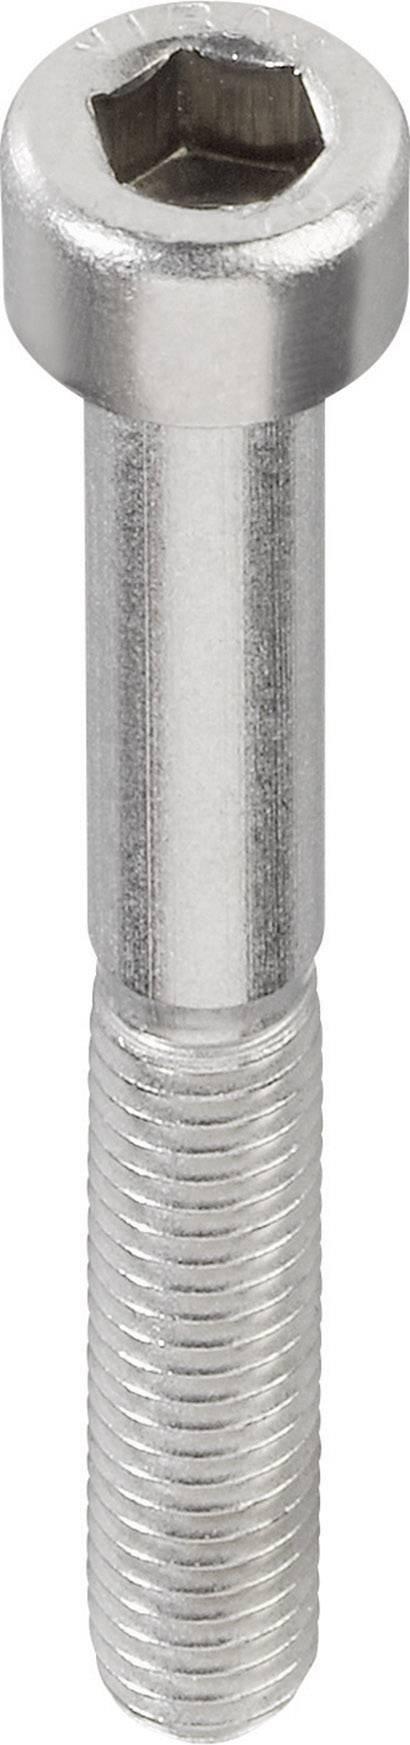 Šrouby s válcovou hlavou TOOLCRAFT 839699, vnitřní šestihran, M2.5, 20 mm, nerezová ocel, 20 ks